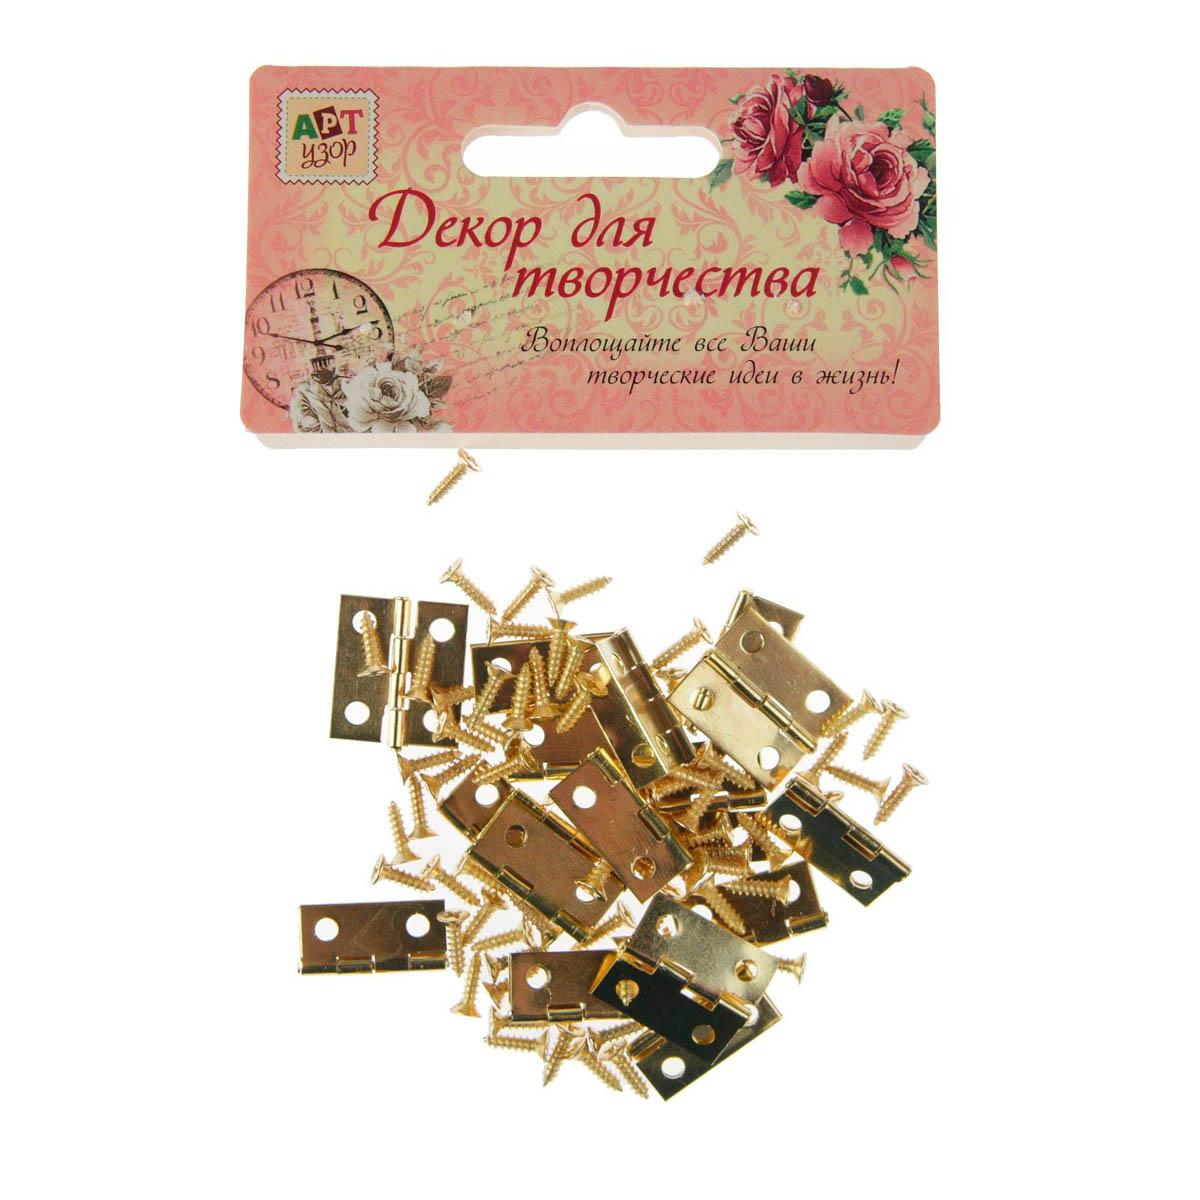 2272567 Петля для шкатулки металл с прямыми углами золото набор 17 шт 1*1,5 см